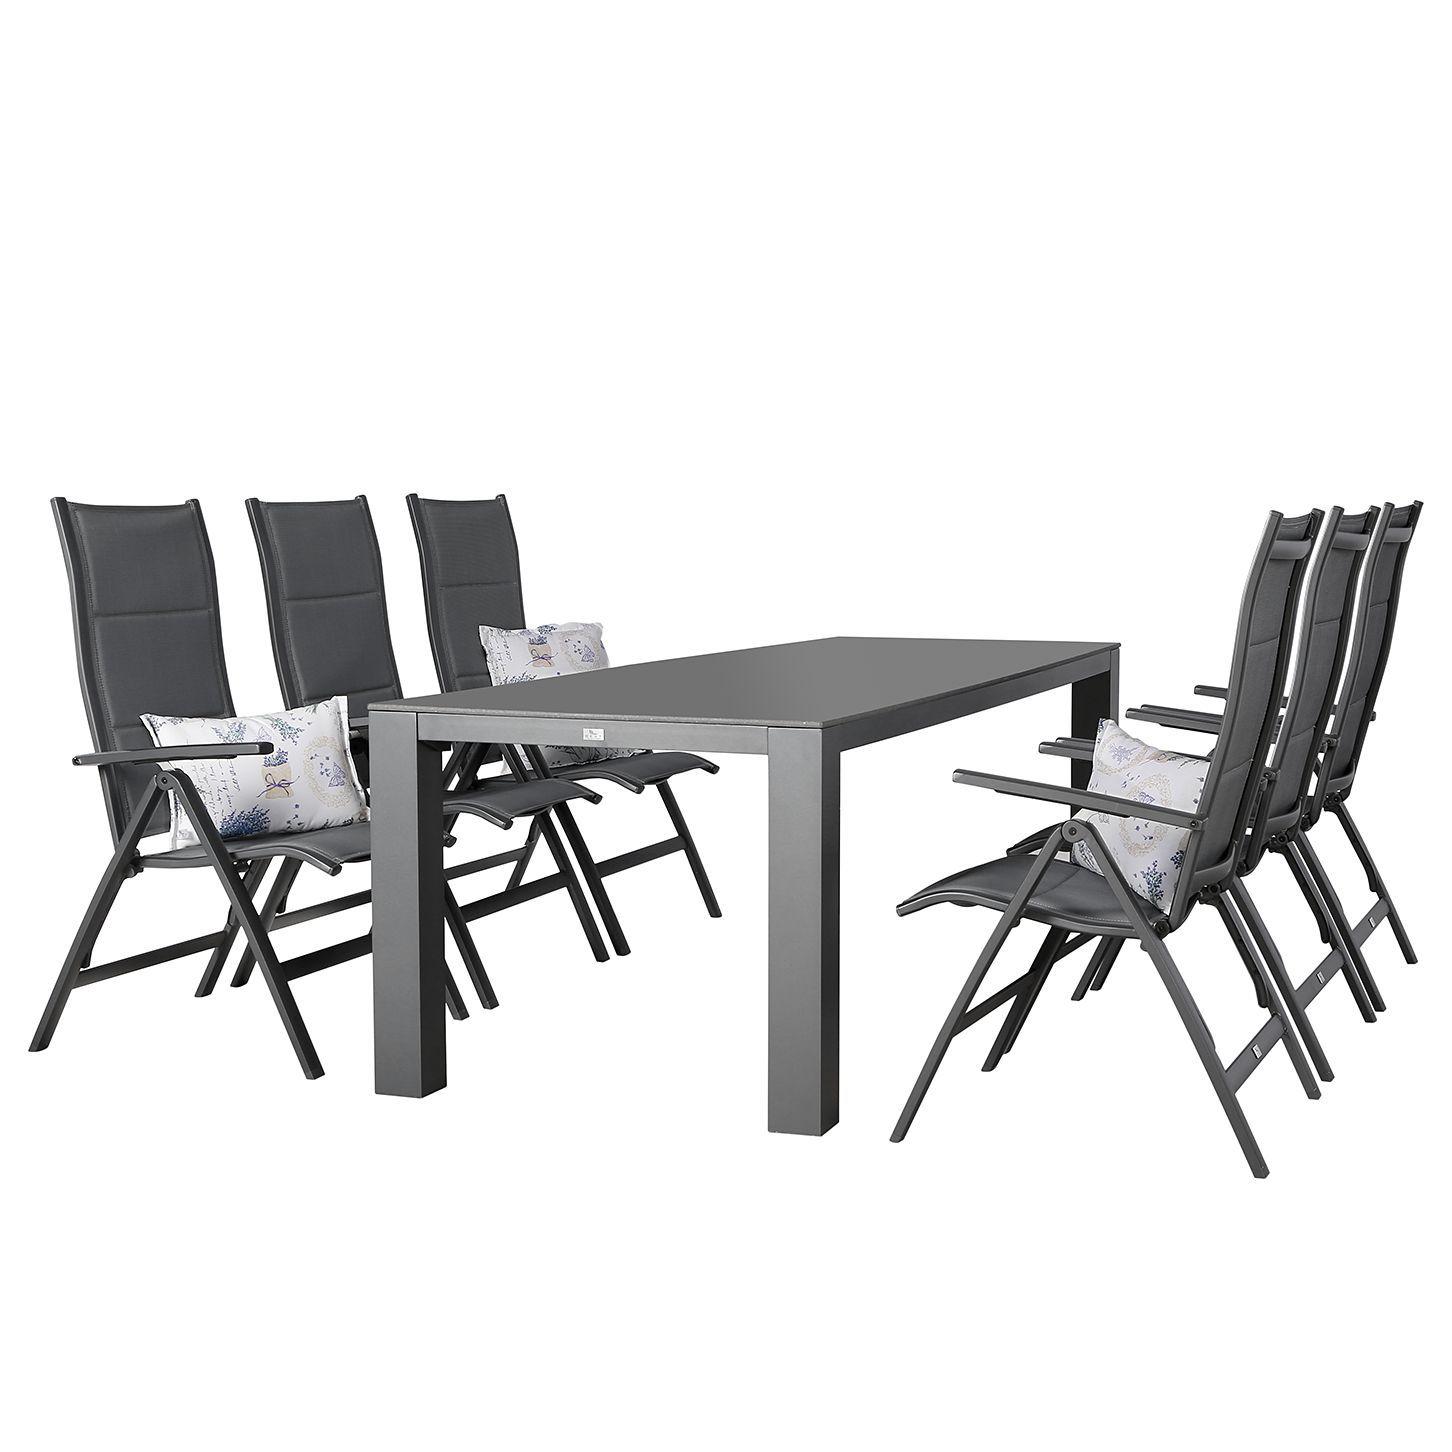 Rattan Balkon Masa Sandalye Fiyatlar Terrassenmobel Gastronomie